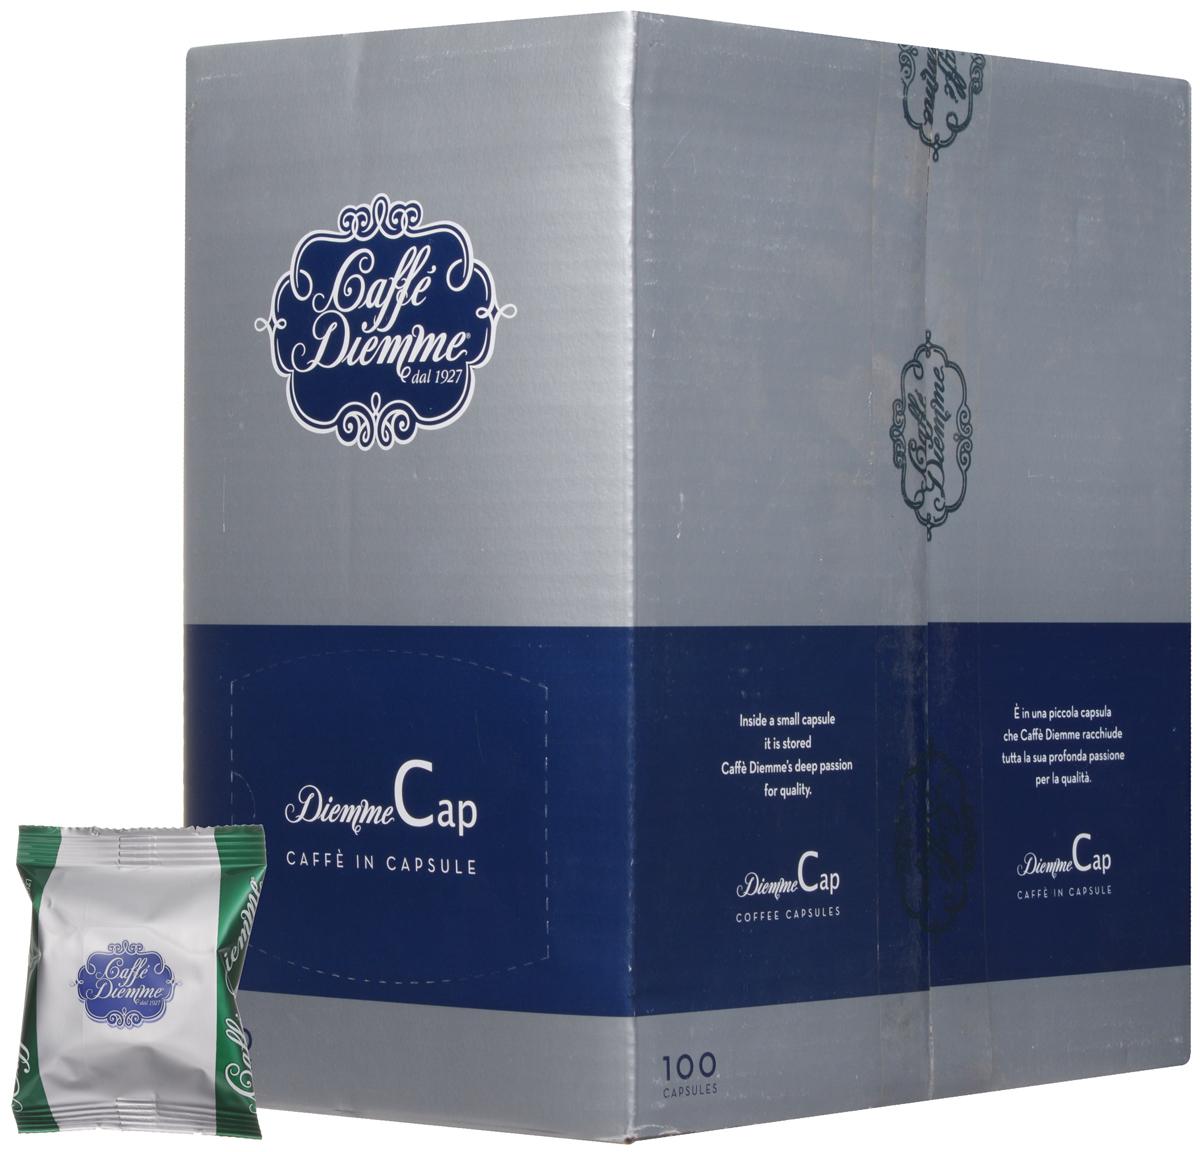 Diemme Caffe Miscela Aromatica кофе в капсулах, 100 шт8003866004122Кофе в капсулах Diemme Caffe Miscela Aromatica - cмесь с характерным насыщенным вкусом и ярким пряным ароматом.